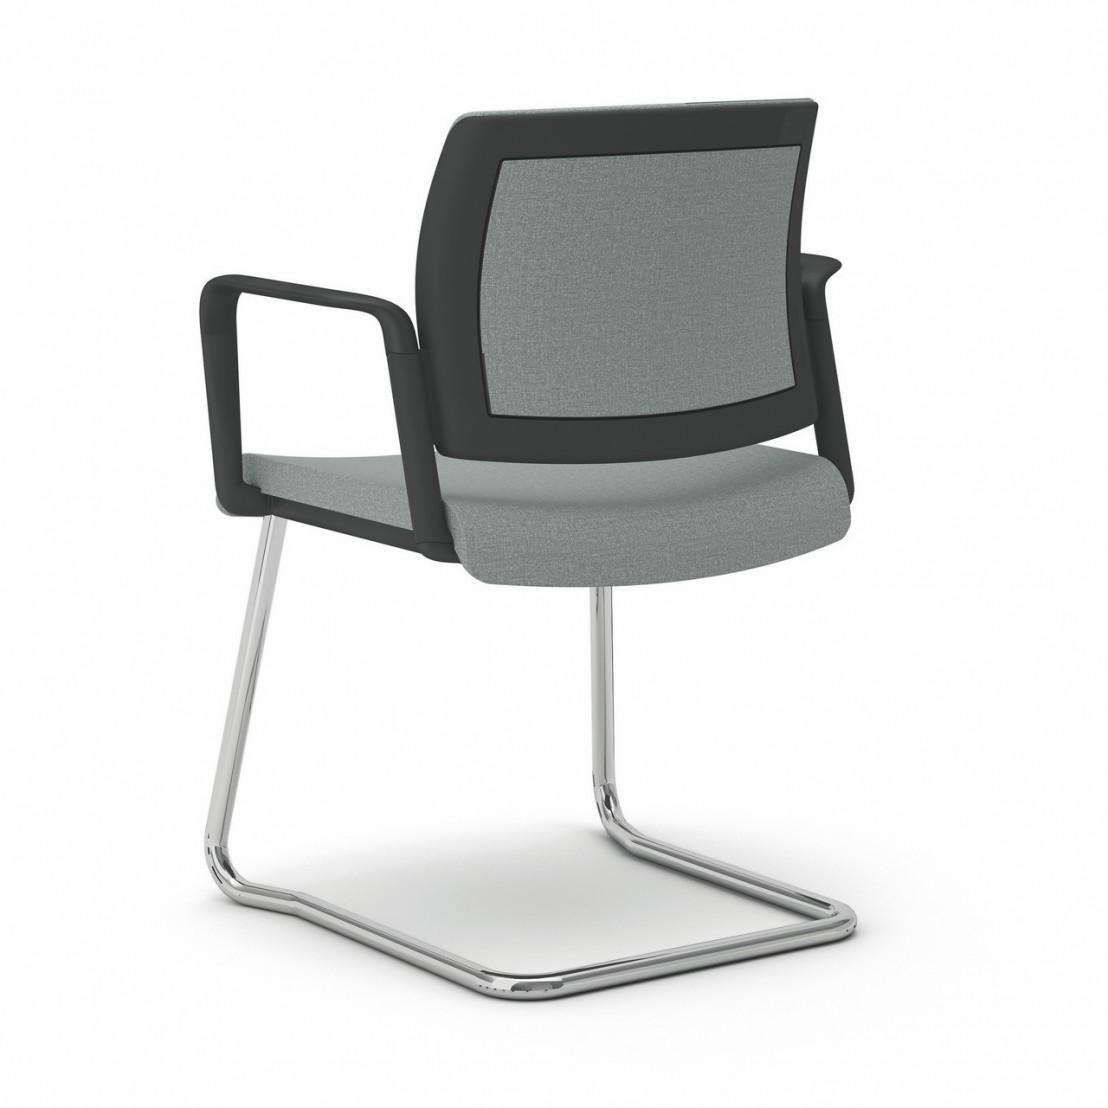 Chaise Bureau Pied U Accoudoirs Reunion Ou Visiteur Office 605